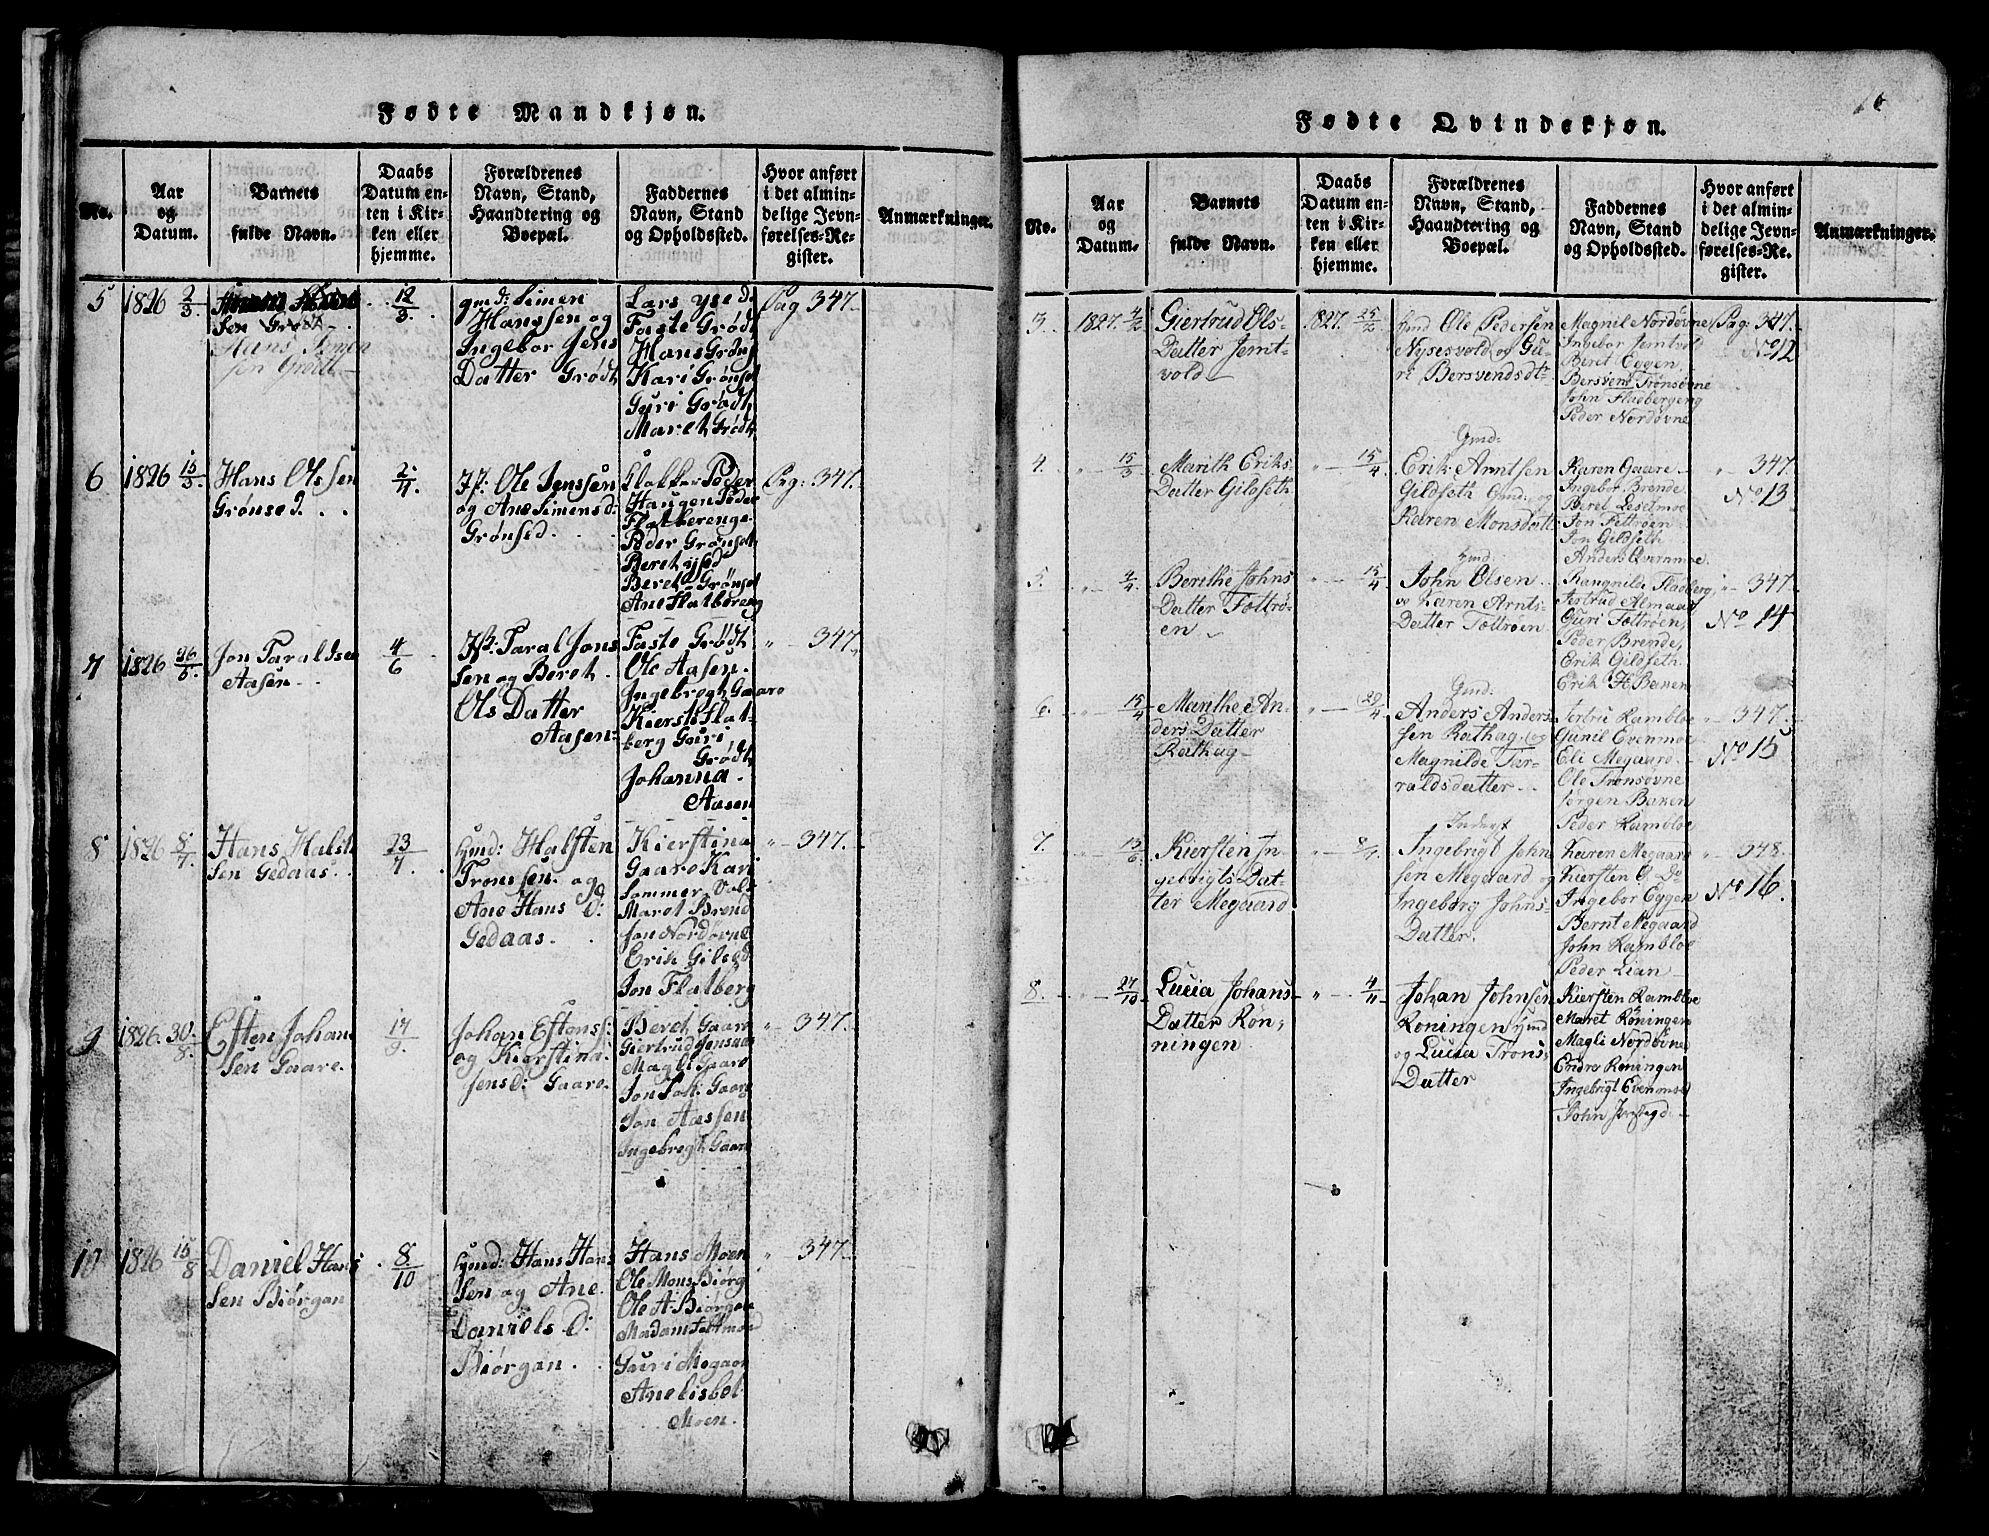 SAT, Ministerialprotokoller, klokkerbøker og fødselsregistre - Sør-Trøndelag, 685/L0976: Klokkerbok nr. 685C01, 1817-1878, s. 16